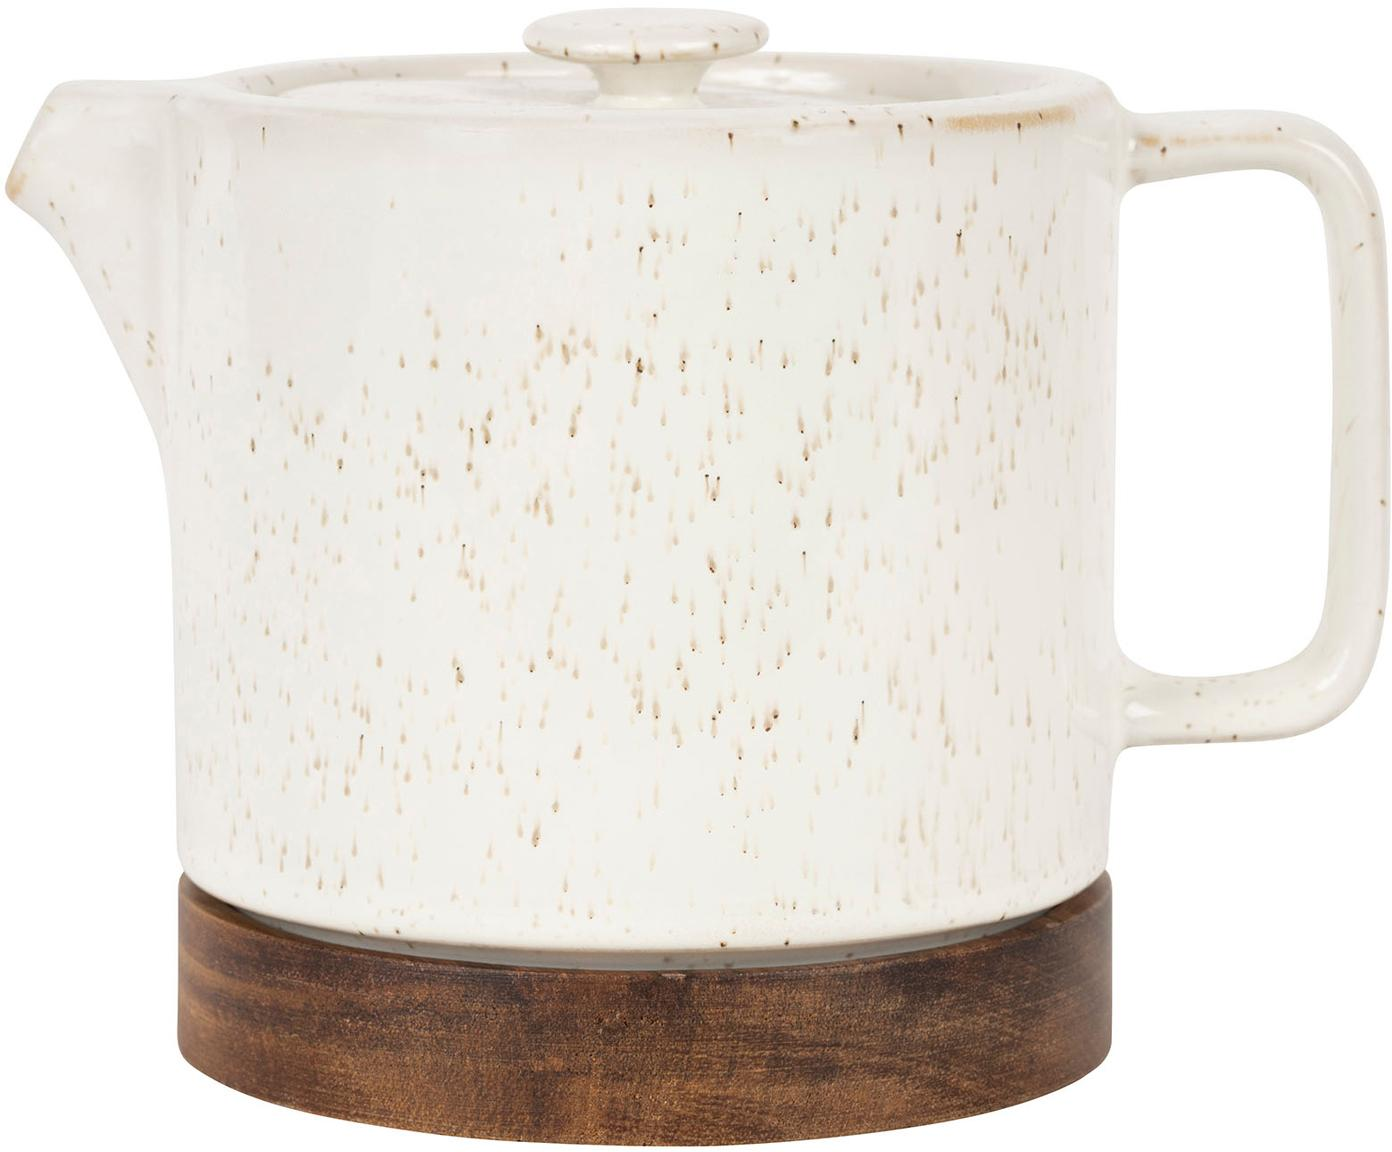 Czajnik Nordika, Kamionka, drewno akacjowe, Biały, brązowy, Ø 12 x W 12 cm